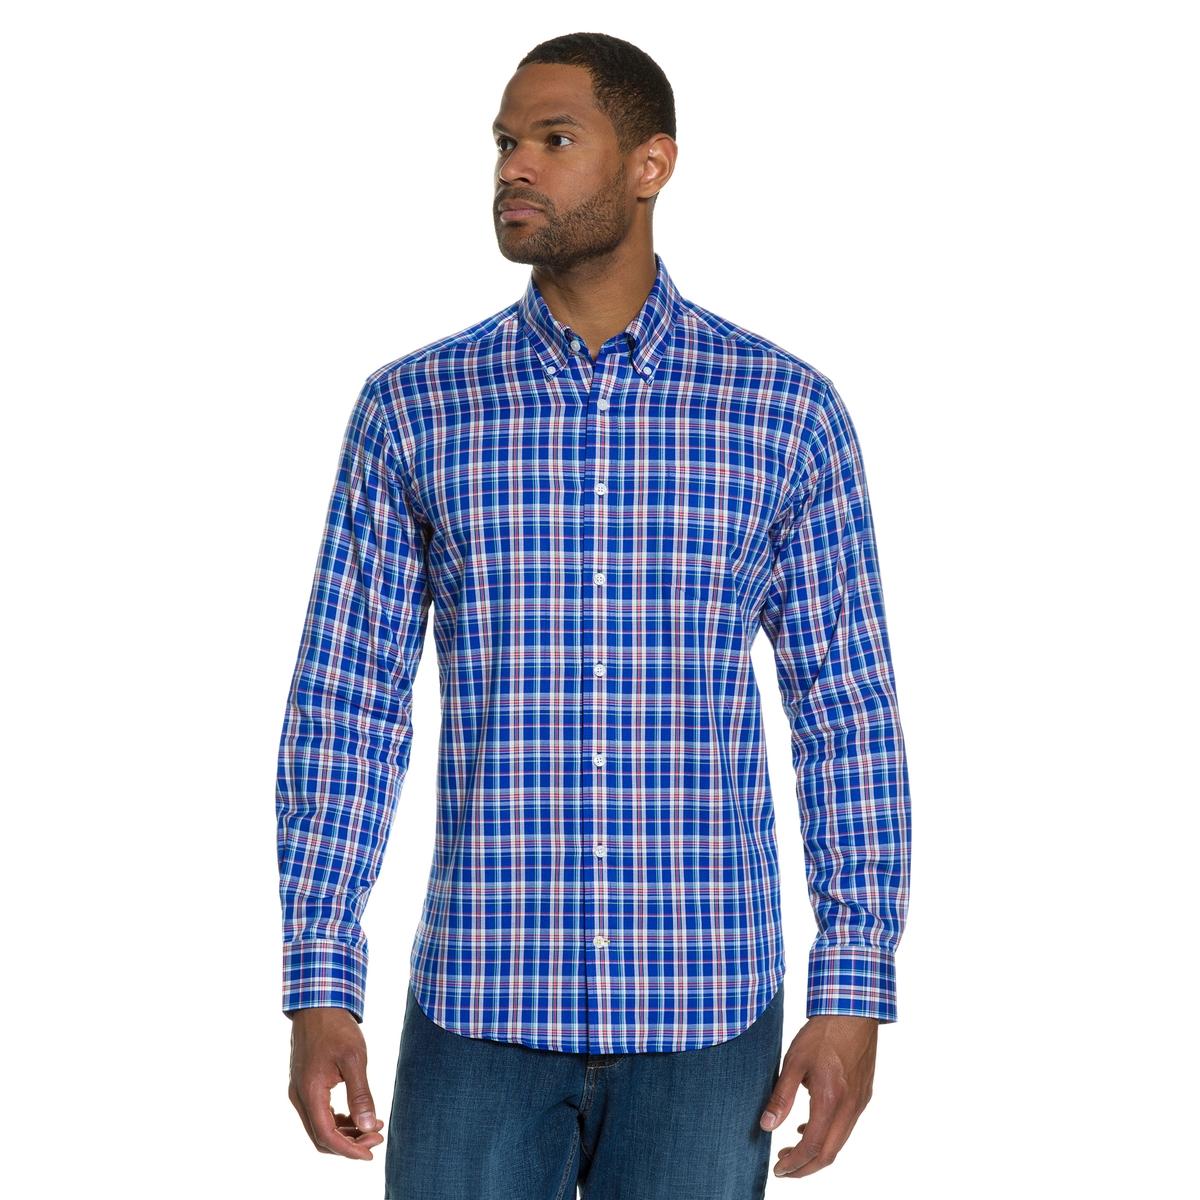 Рубашка с длинными рукавамиРубашка с длинными рукавами. 100% хлопка..Уголки воротника на пуговицах, нагрудный карман. Облегающий покрой позволяет носить её в сочетании с брюками. Длина в зависимости от размера ок. 82-96 см.<br><br>Цвет: в клетку<br>Размер: 3XL.6XL.XXL